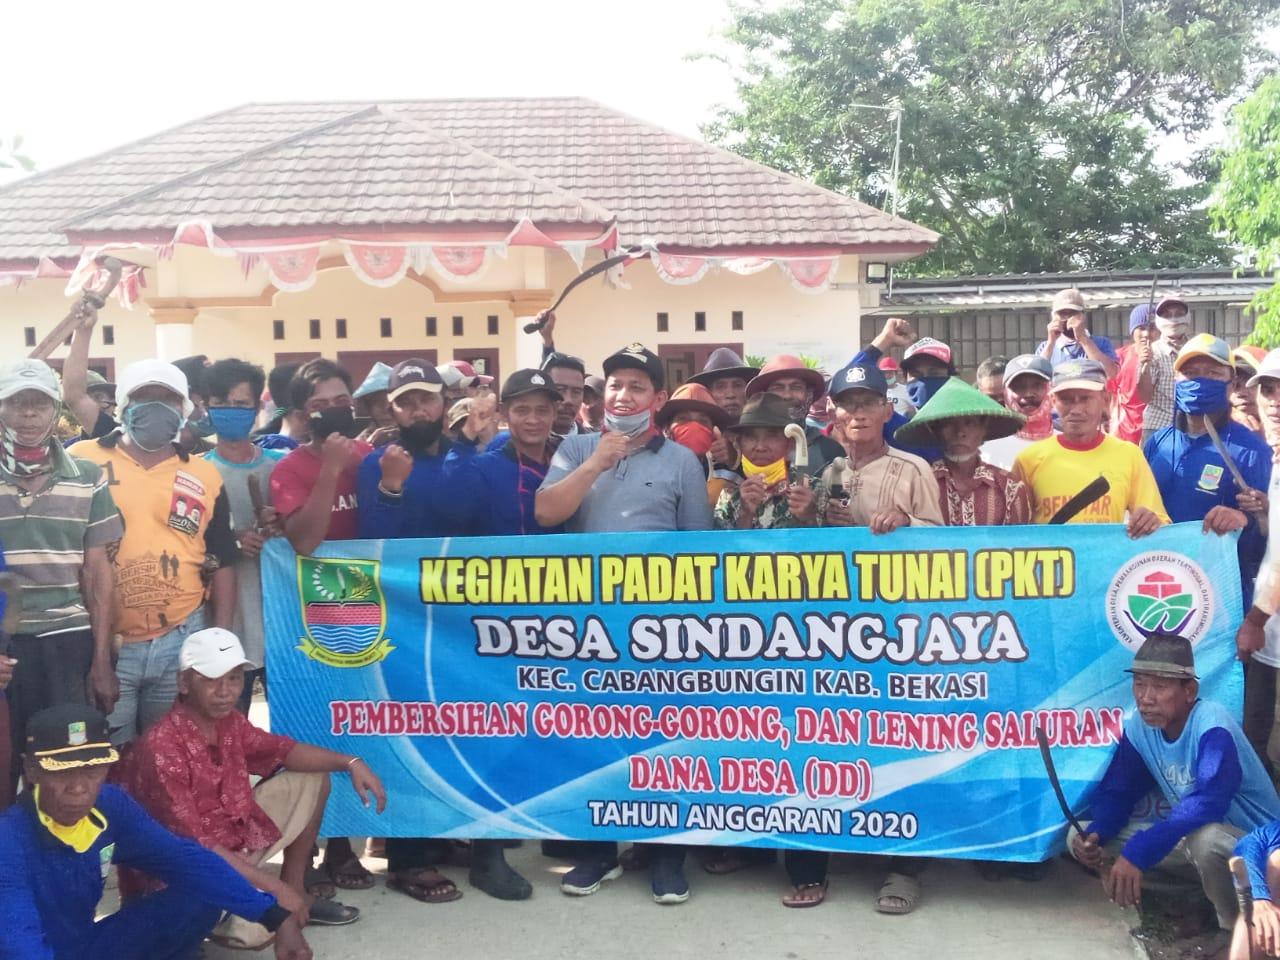 Bersih - bersih, 350 warga Desa Sindangjaya giat PKTD, Minggu (26/04/20)